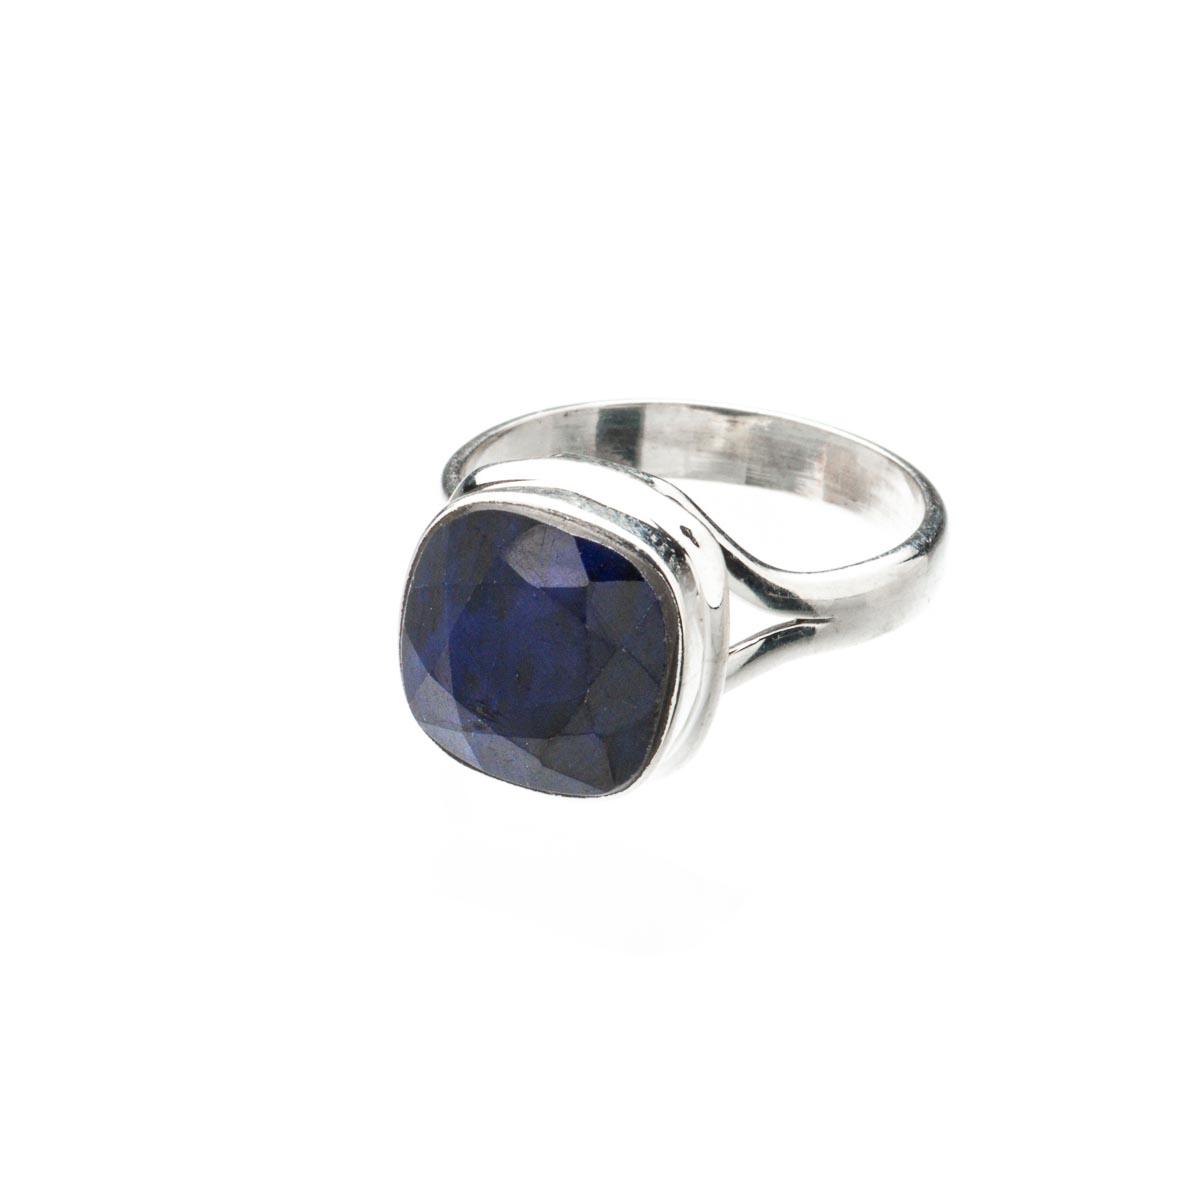 Кольцо из серебра с натуральным сапфиром, 18.5 размер